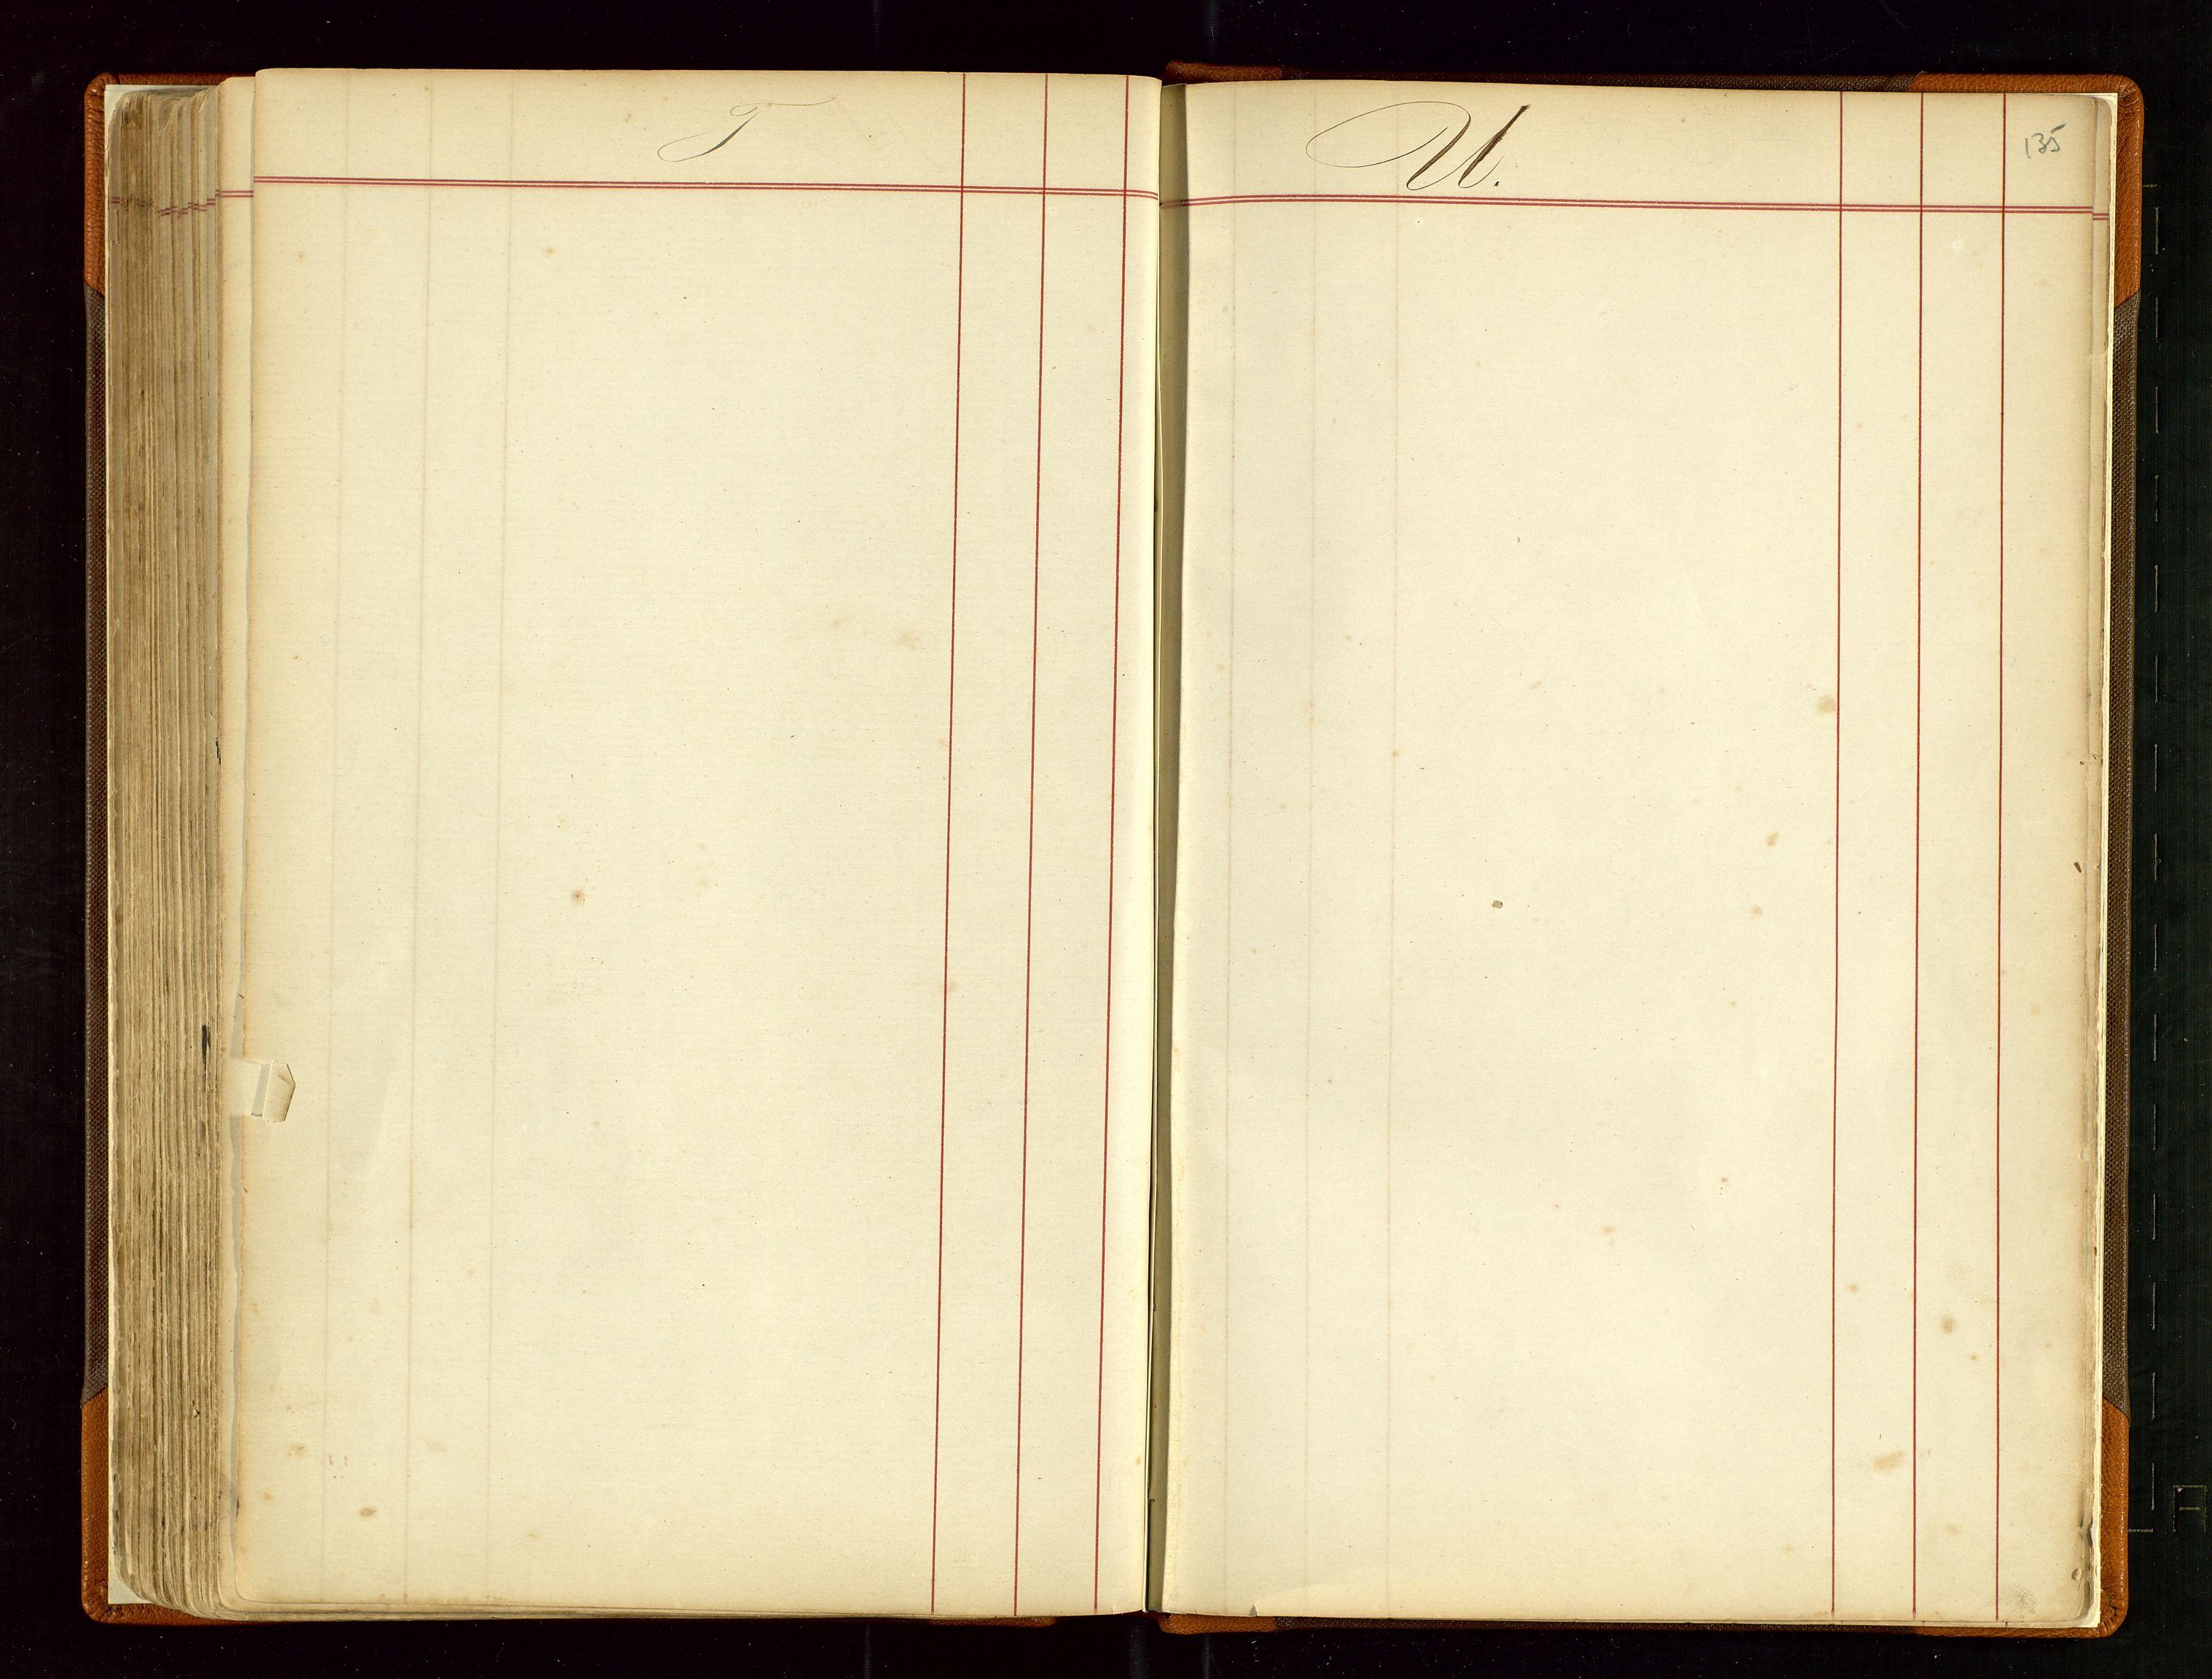 SAST, Haugesund sjømannskontor, F/Fb/Fba/L0003: Navneregister med henvisning til rullenummer (fornavn) Haugesund krets, 1860-1948, s. 135